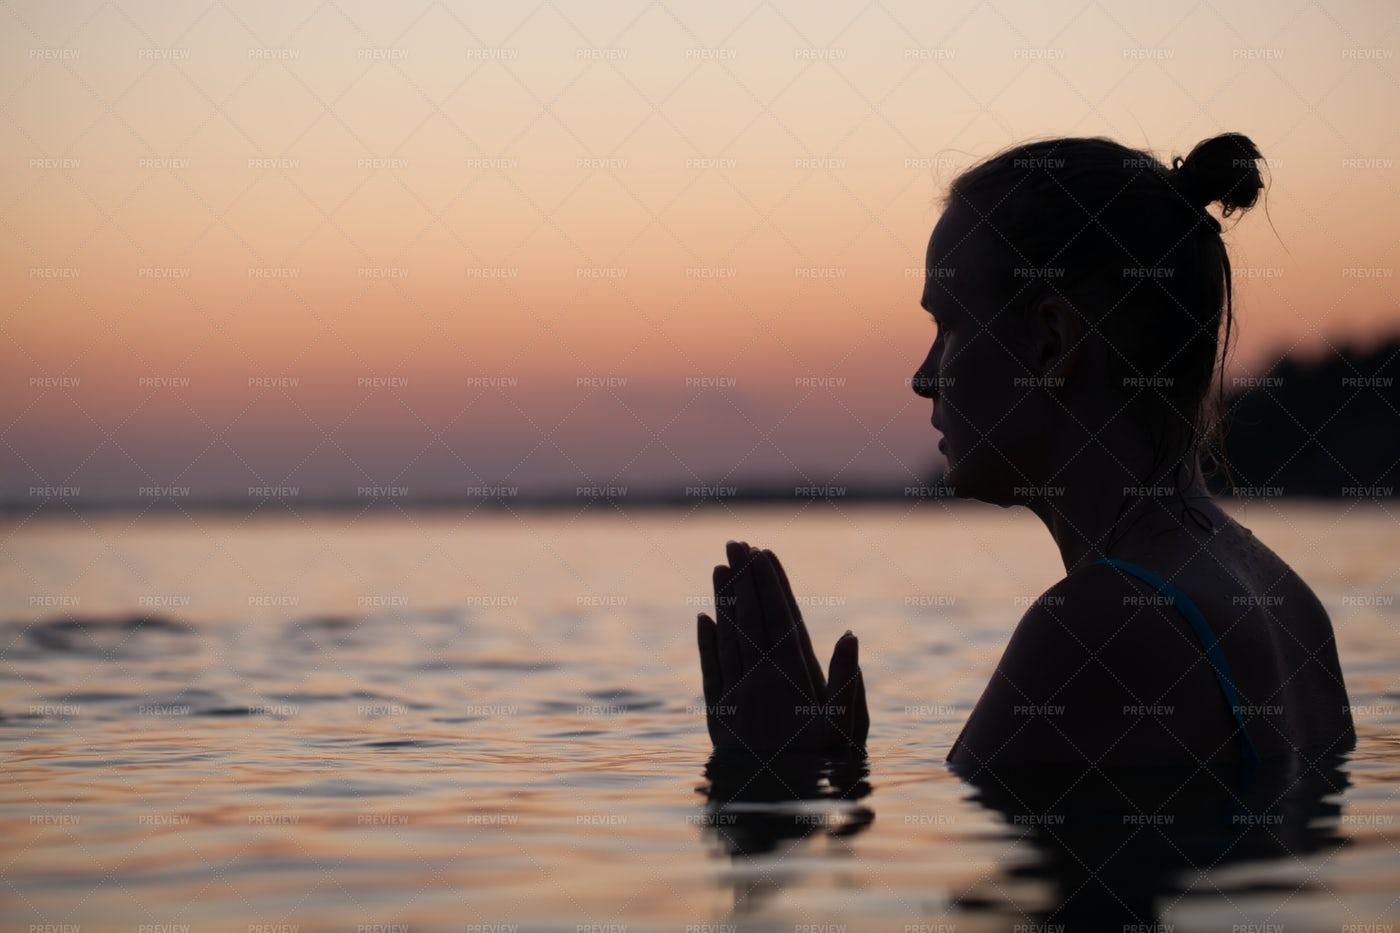 Woman In Water Praying Or Meditating: Stock Photos